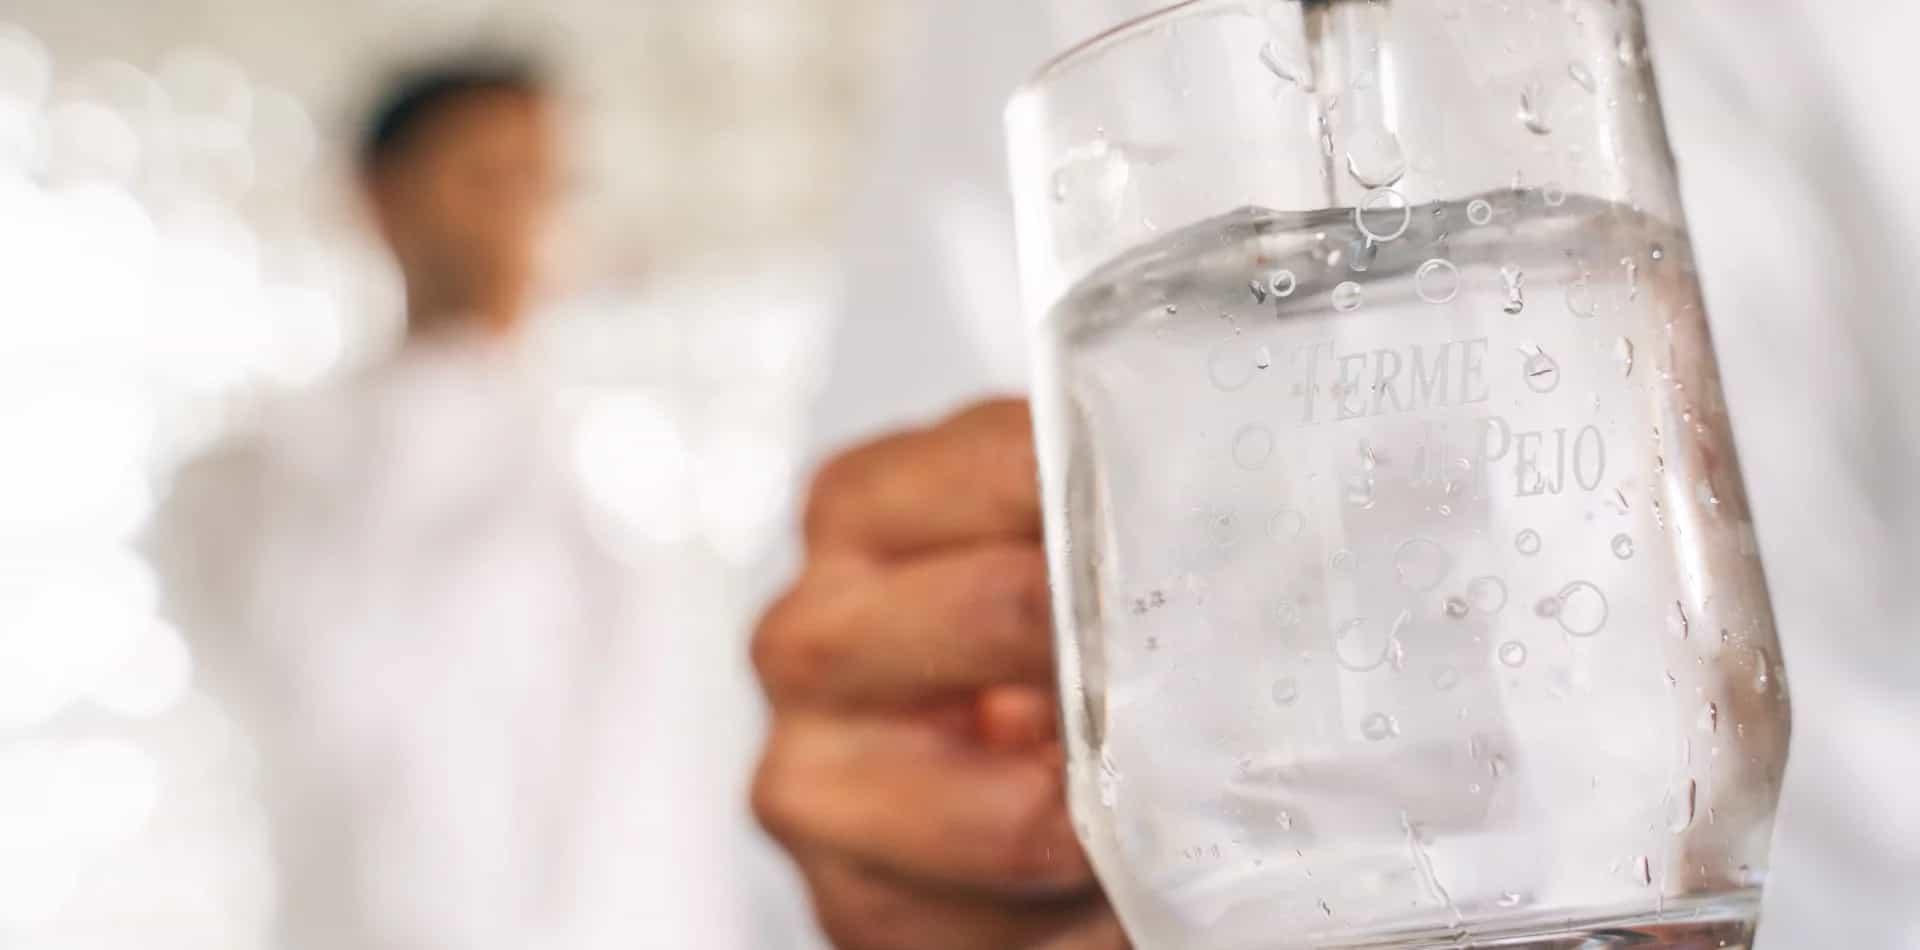 acqua pejo: una fonte piena di segreti!